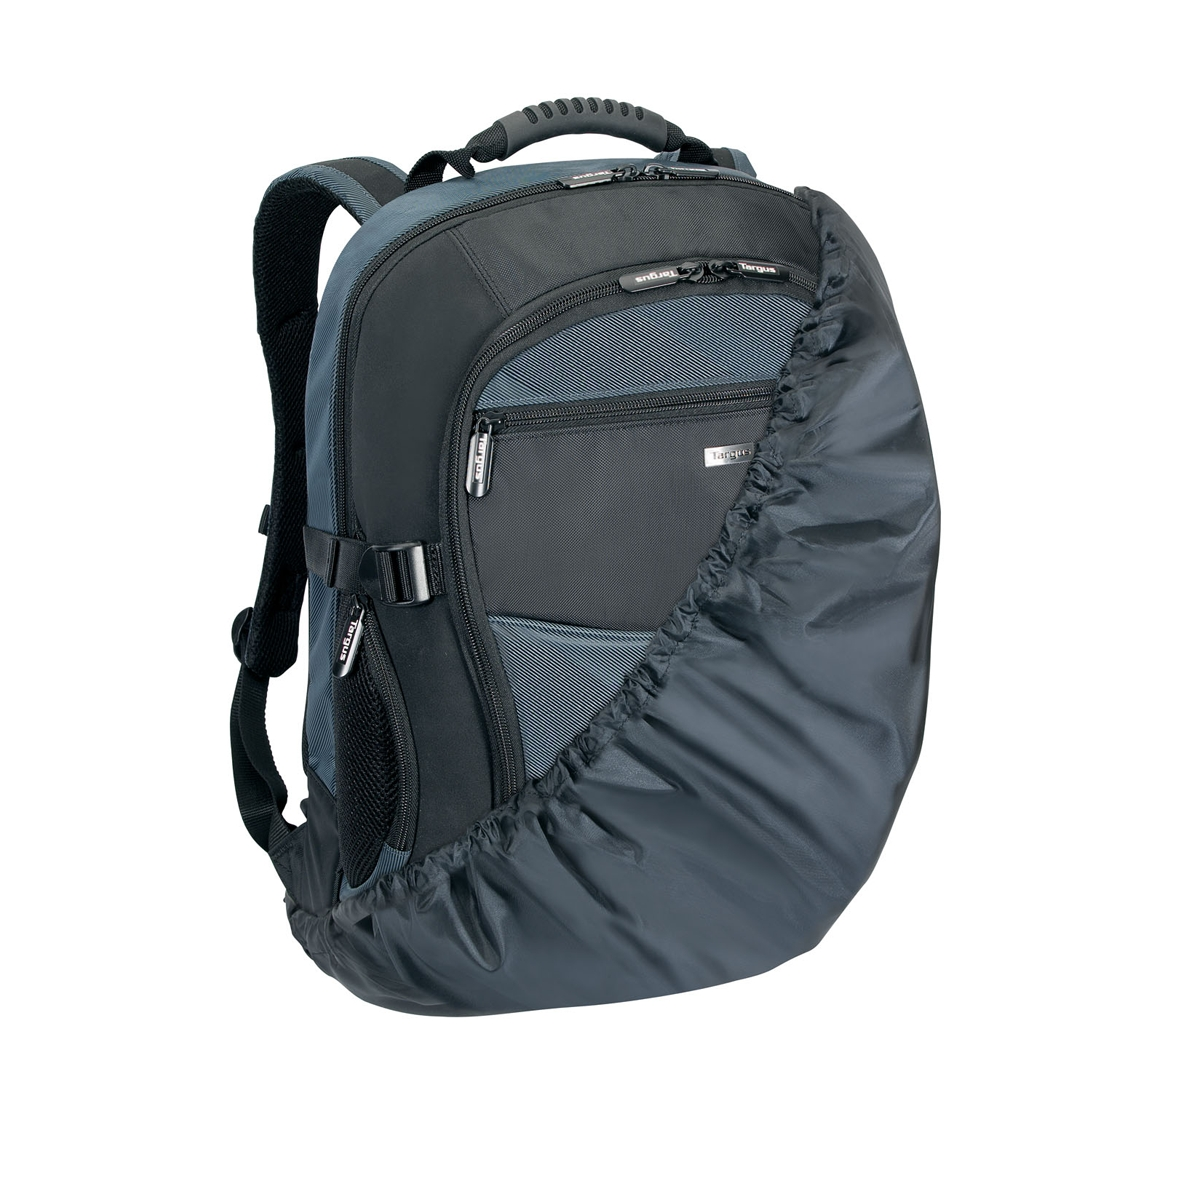 atmosphere sac dos pour ordinateur portable taille 17 18 noir bleu. Black Bedroom Furniture Sets. Home Design Ideas